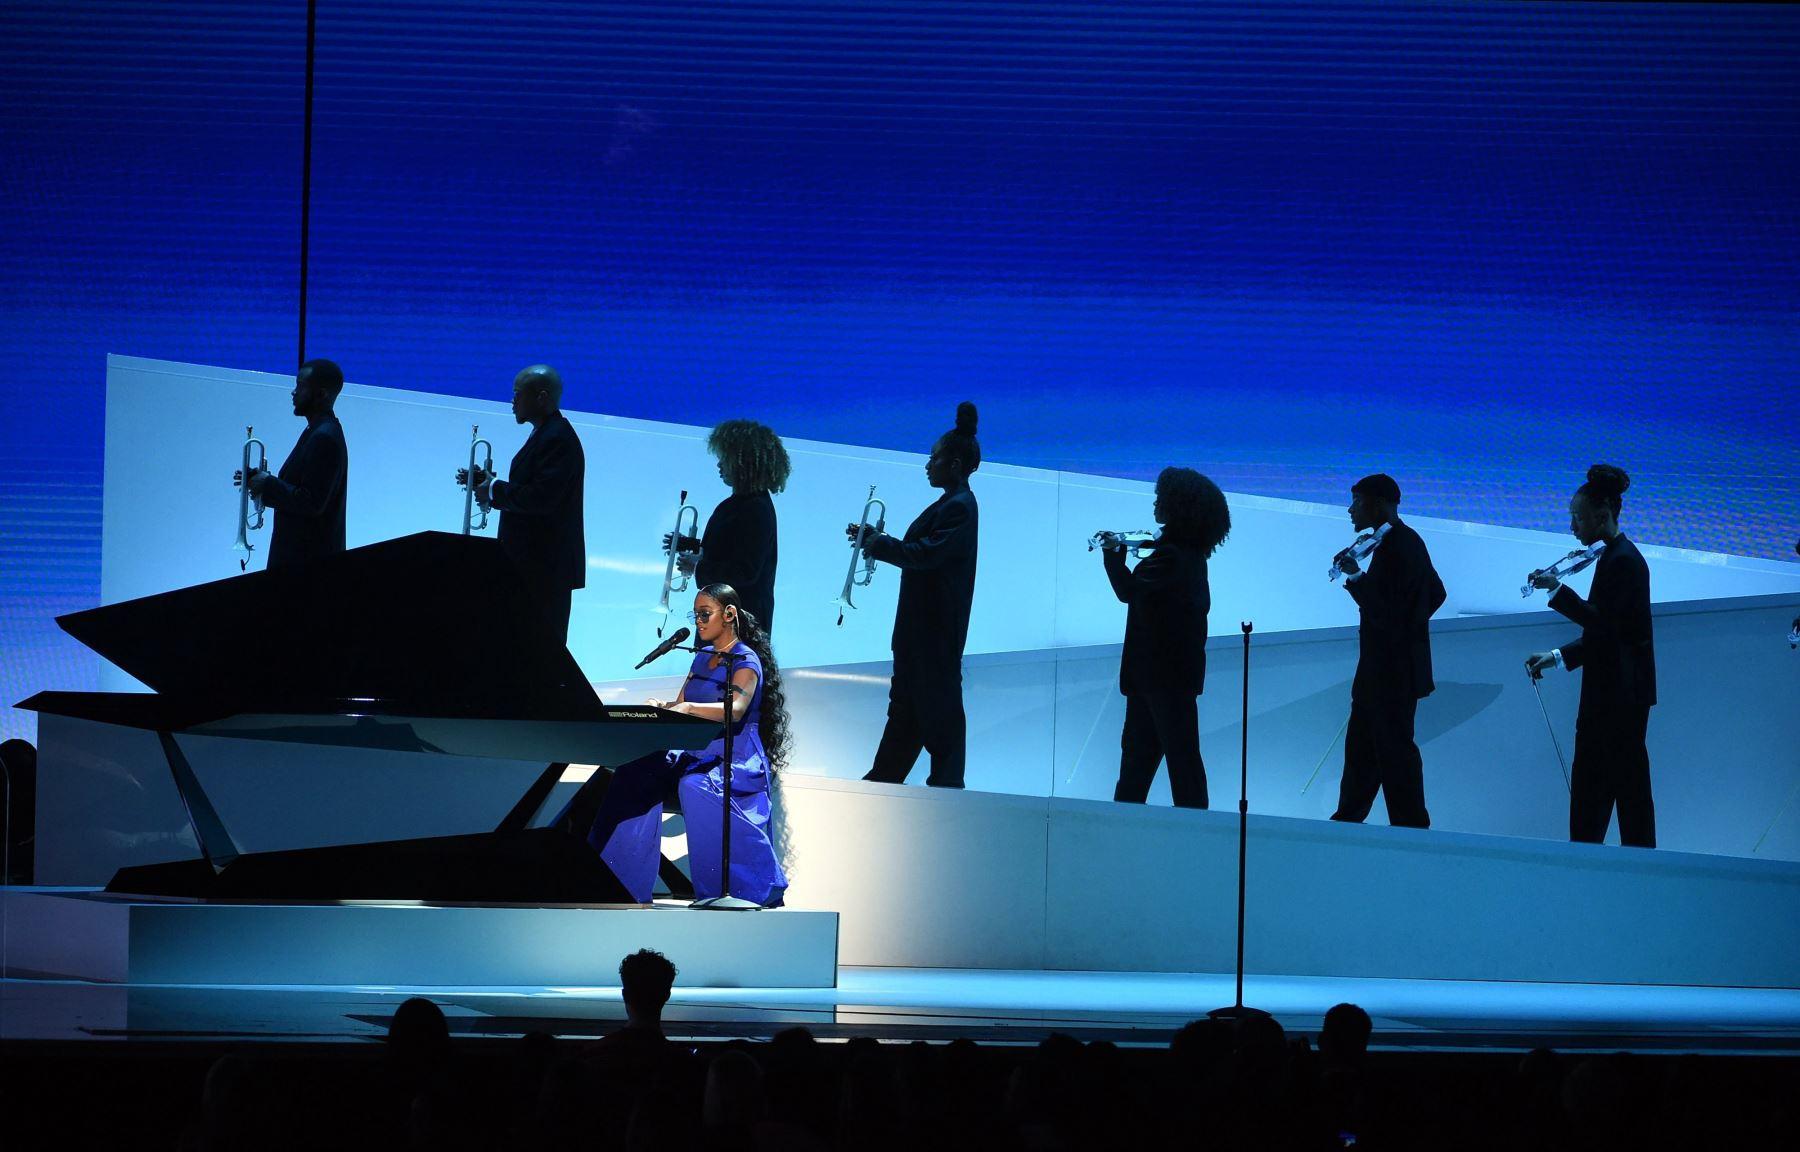 H.E.R actúa en el escenario durante la 62a Entrega Anual de los Premios GRAMMY  en Los Ángeles, California.  Foto: AFP